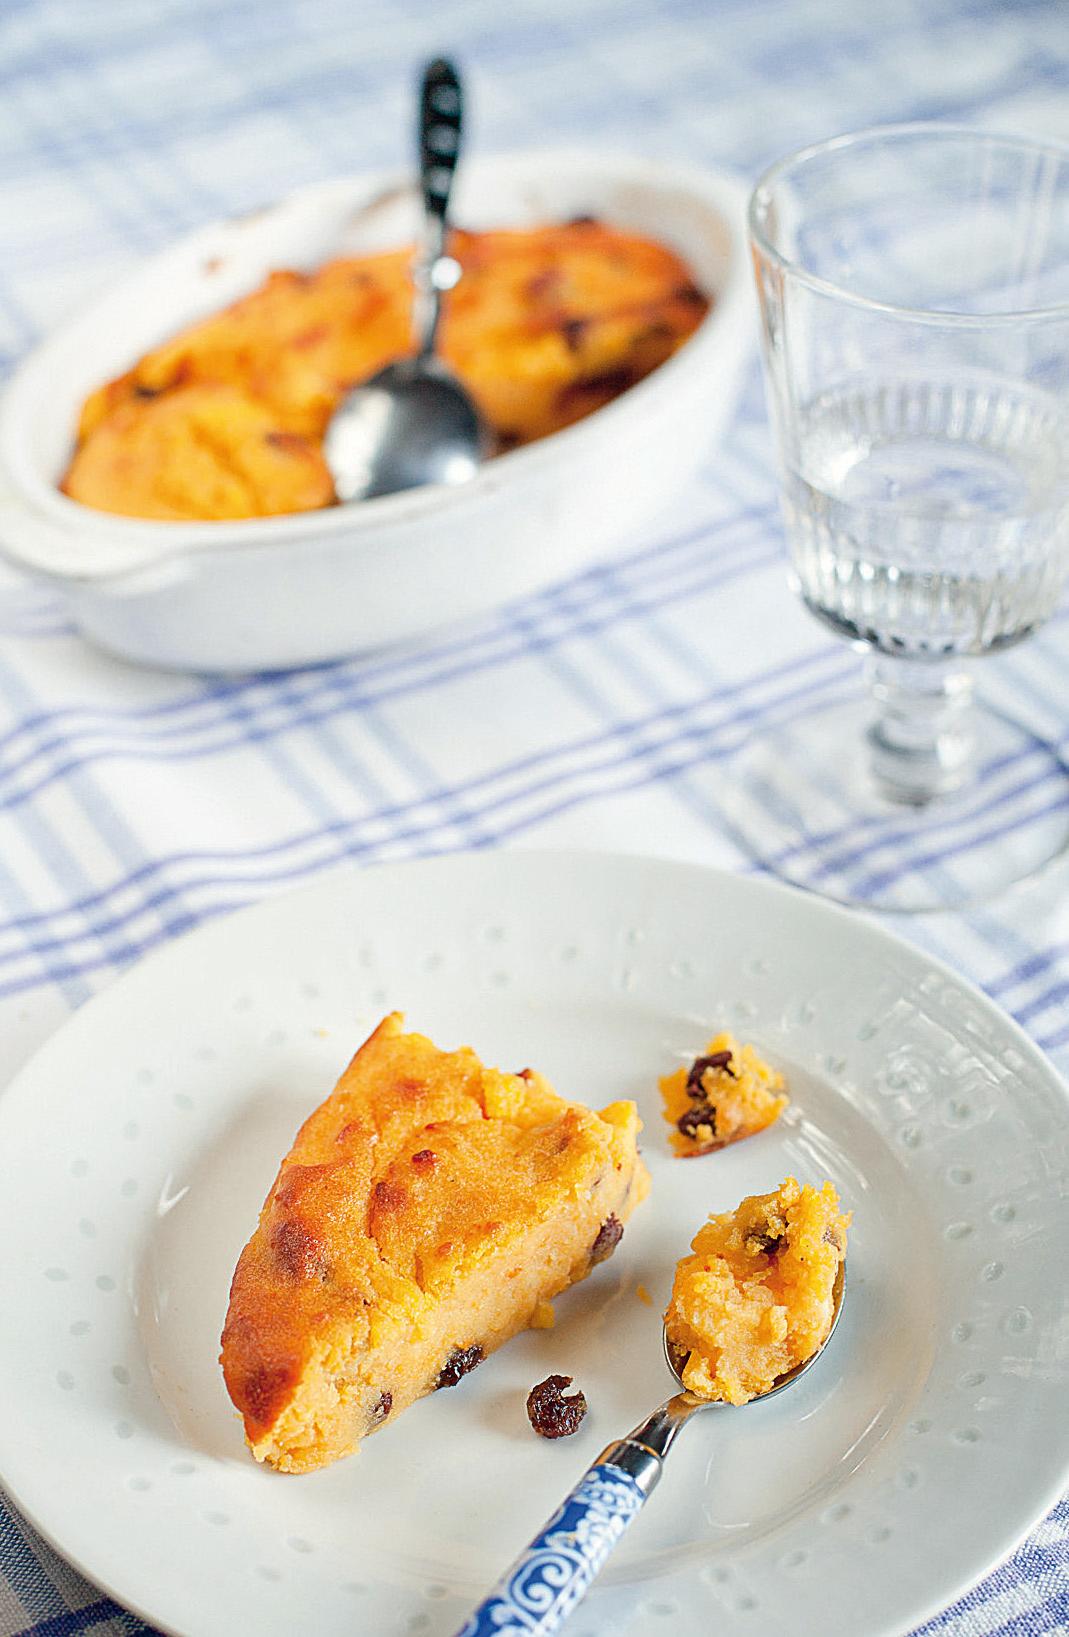 Torta con le patate mericane sale pepe - Cucinare patate americane ...